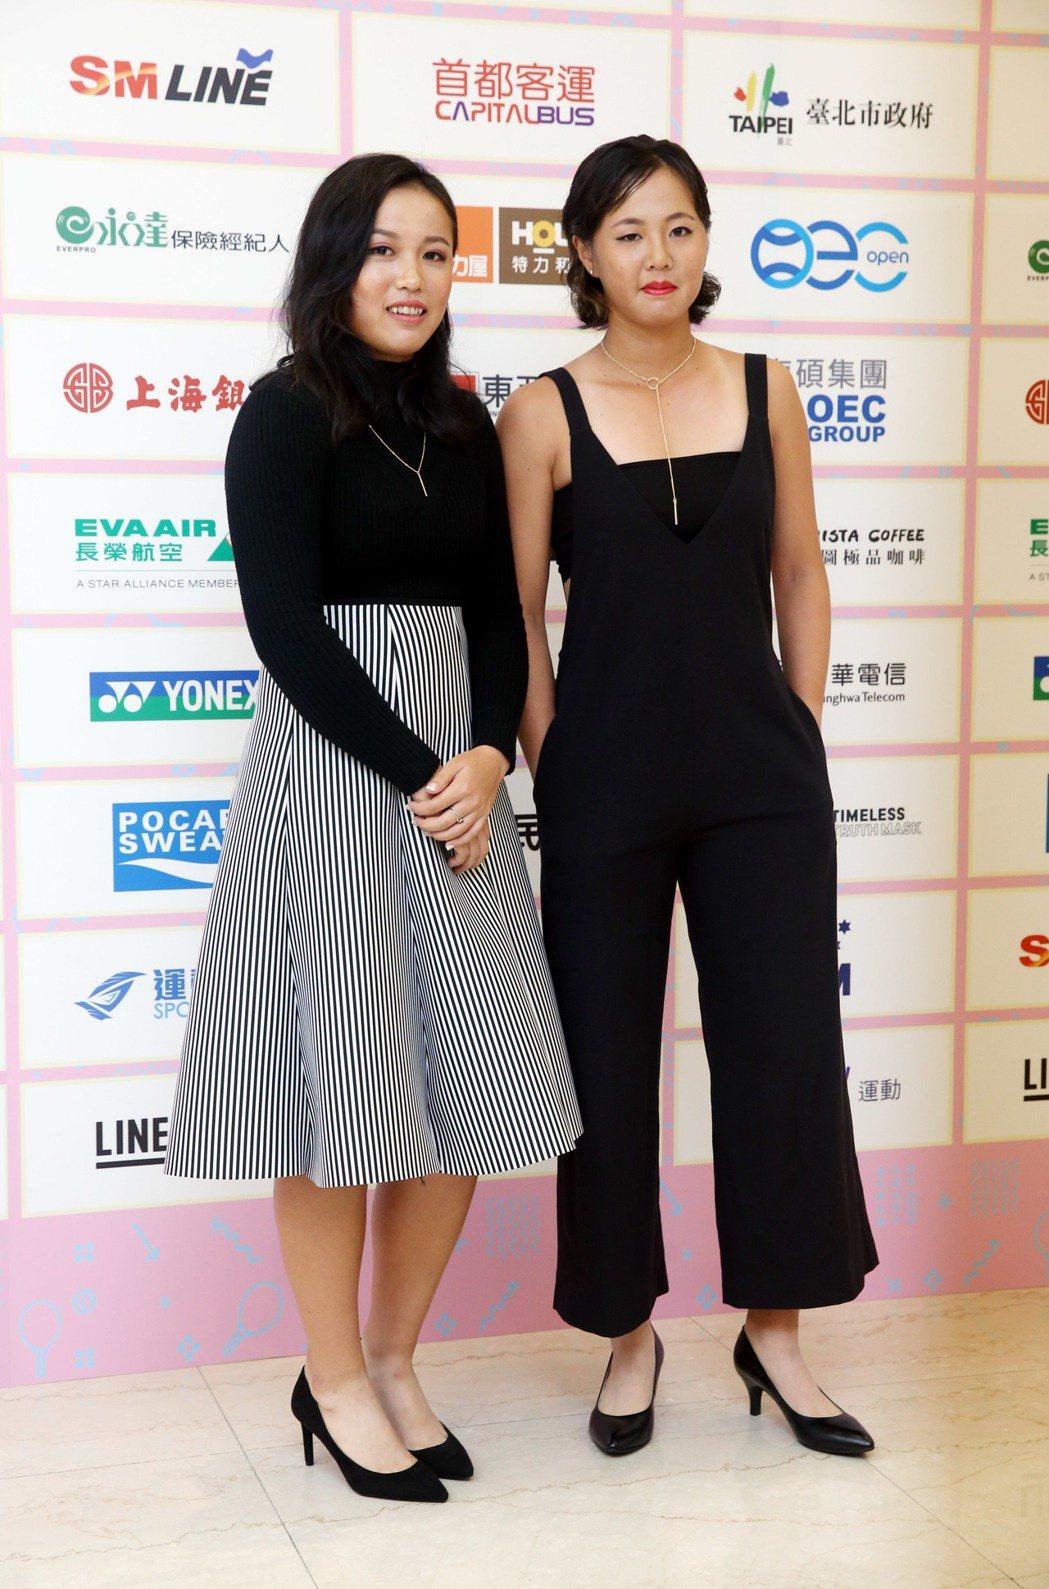 李亞軒(左)和徐竫雯一同出席選手之夜。   記者邱德祥/攝影(資料照)